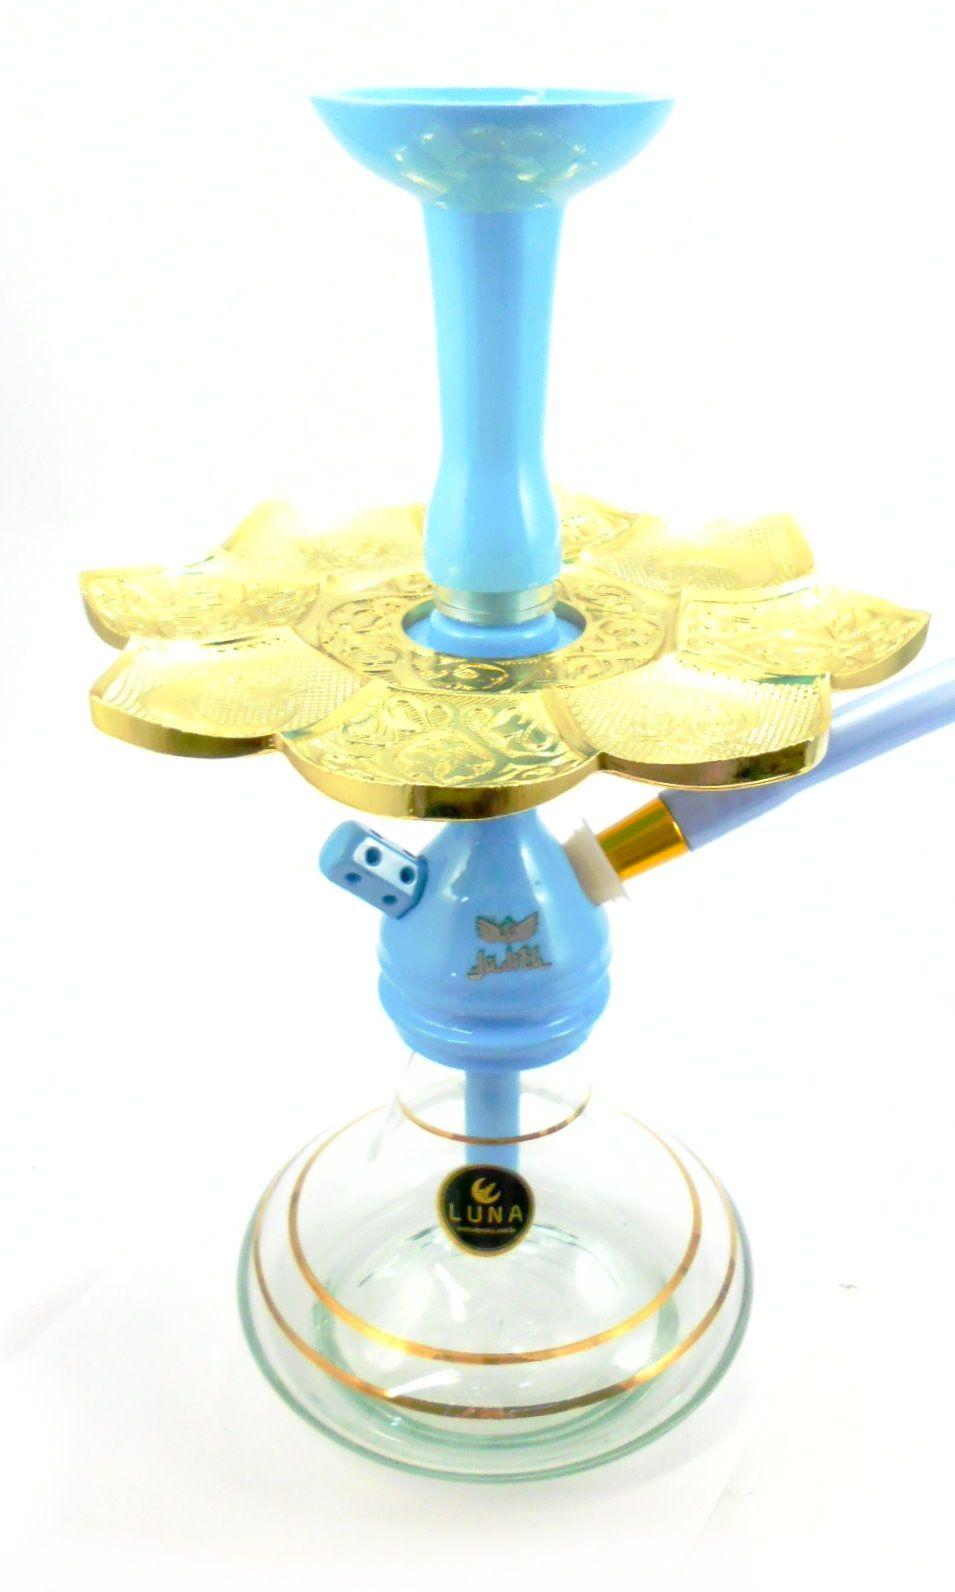 Narguile JUDITH AZUL CLARO 36cm. Vaso LISTRA DOURADA, mangueira SILICONE, rosh e piteira de alumínio, prato dourado.